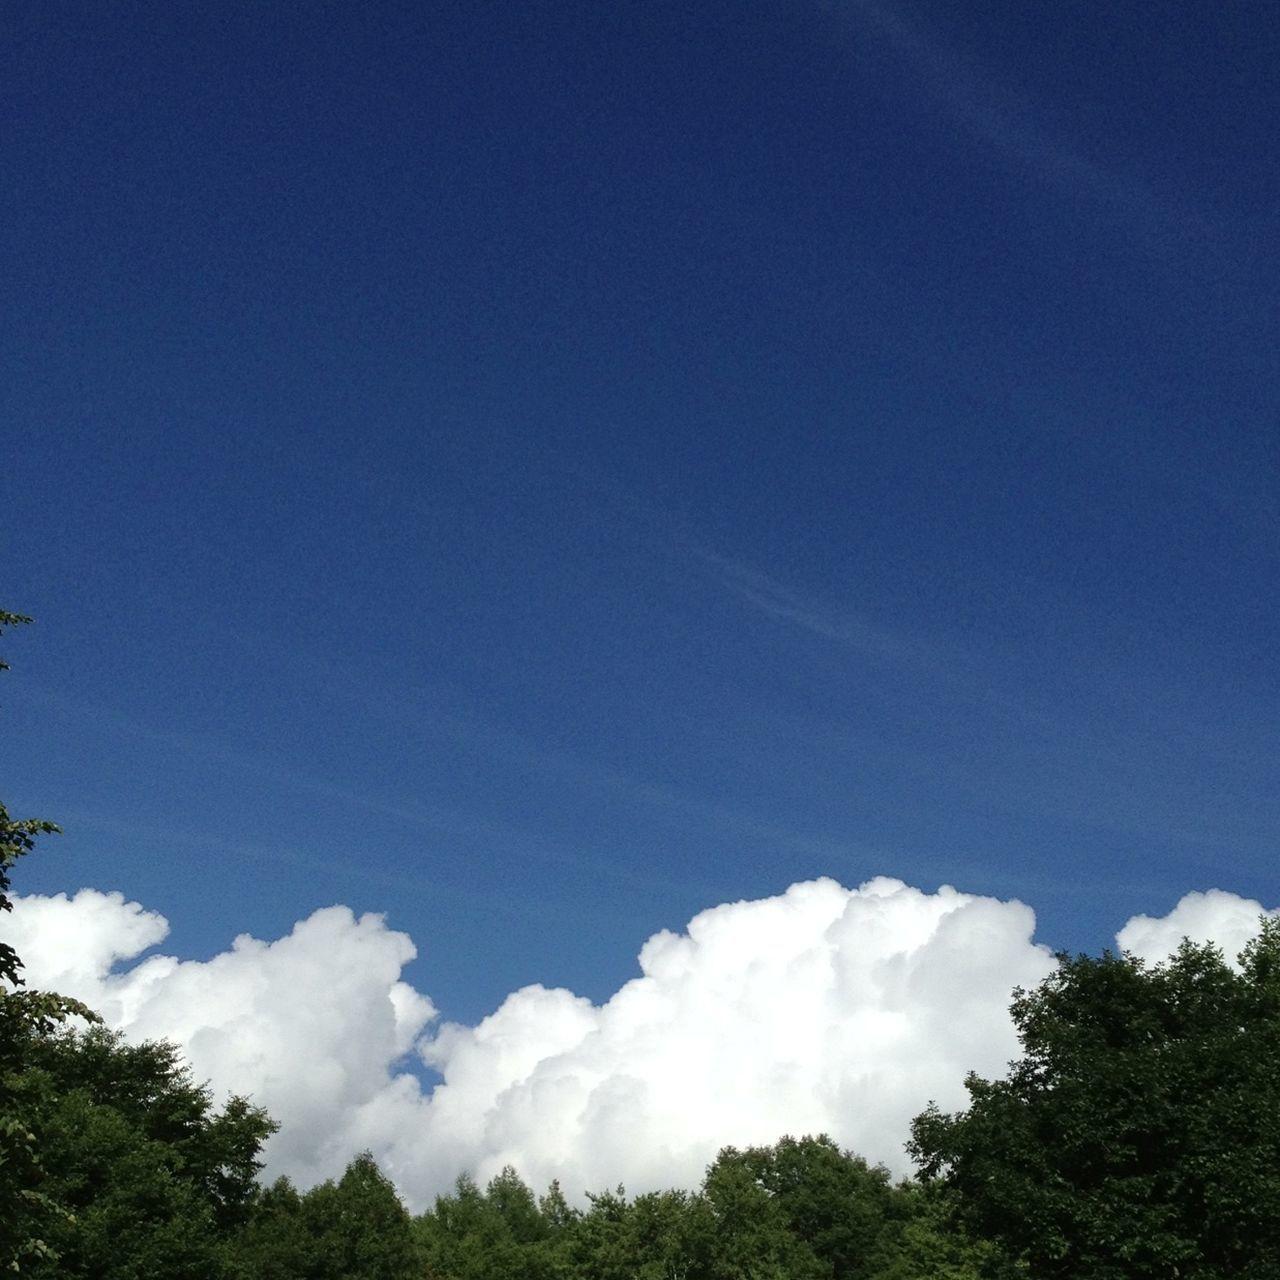 Sky_collection Cloudporn Blue Sky Summer 2013